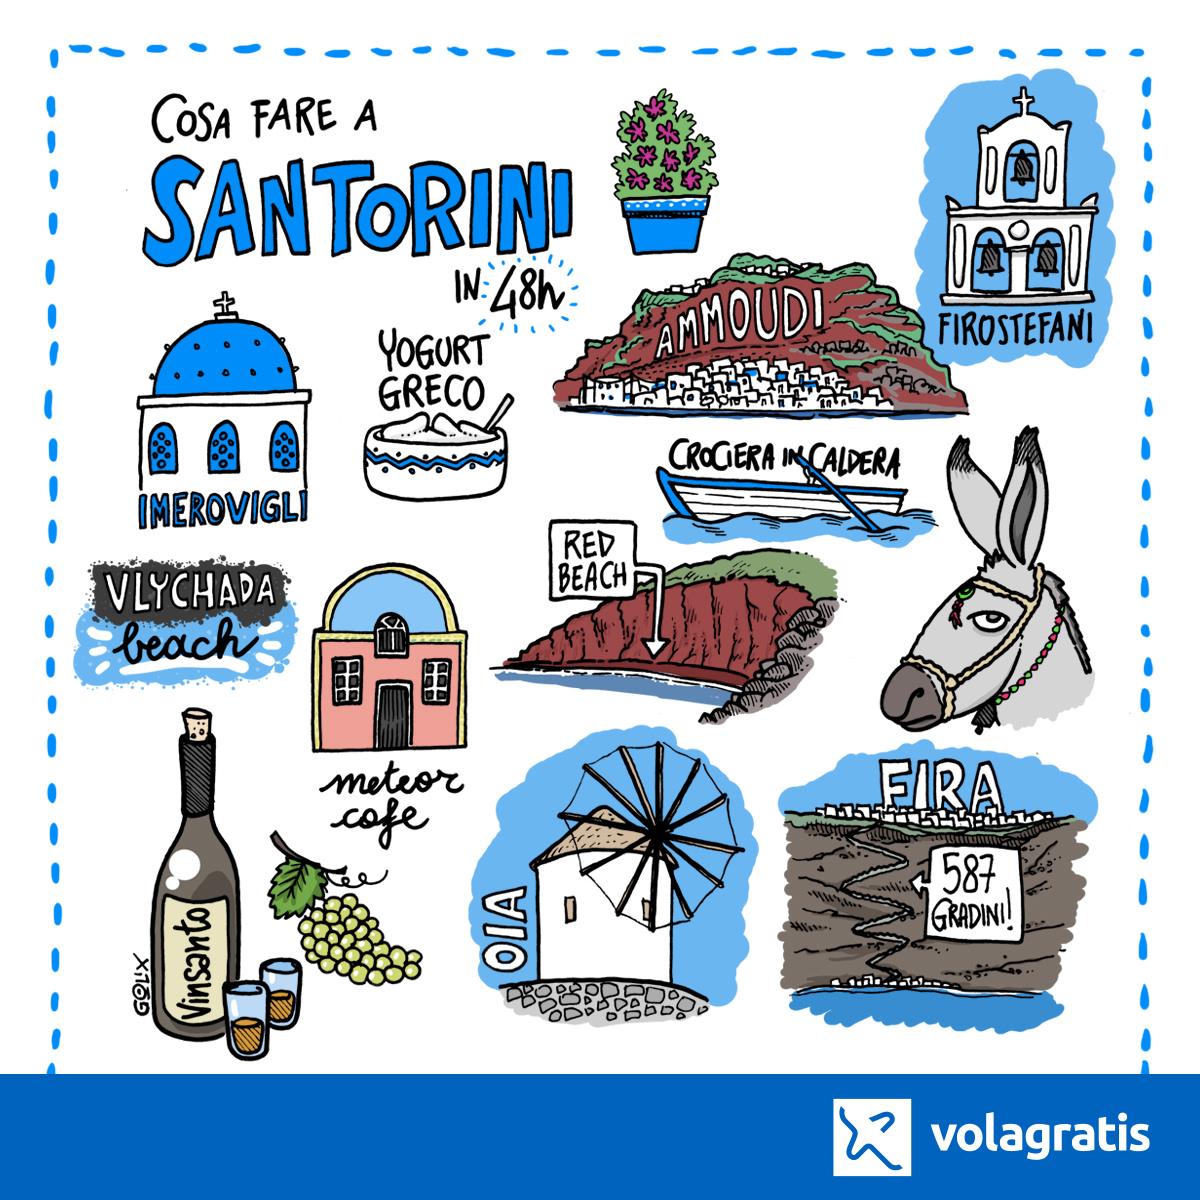 Santorini viaggi a fumetti